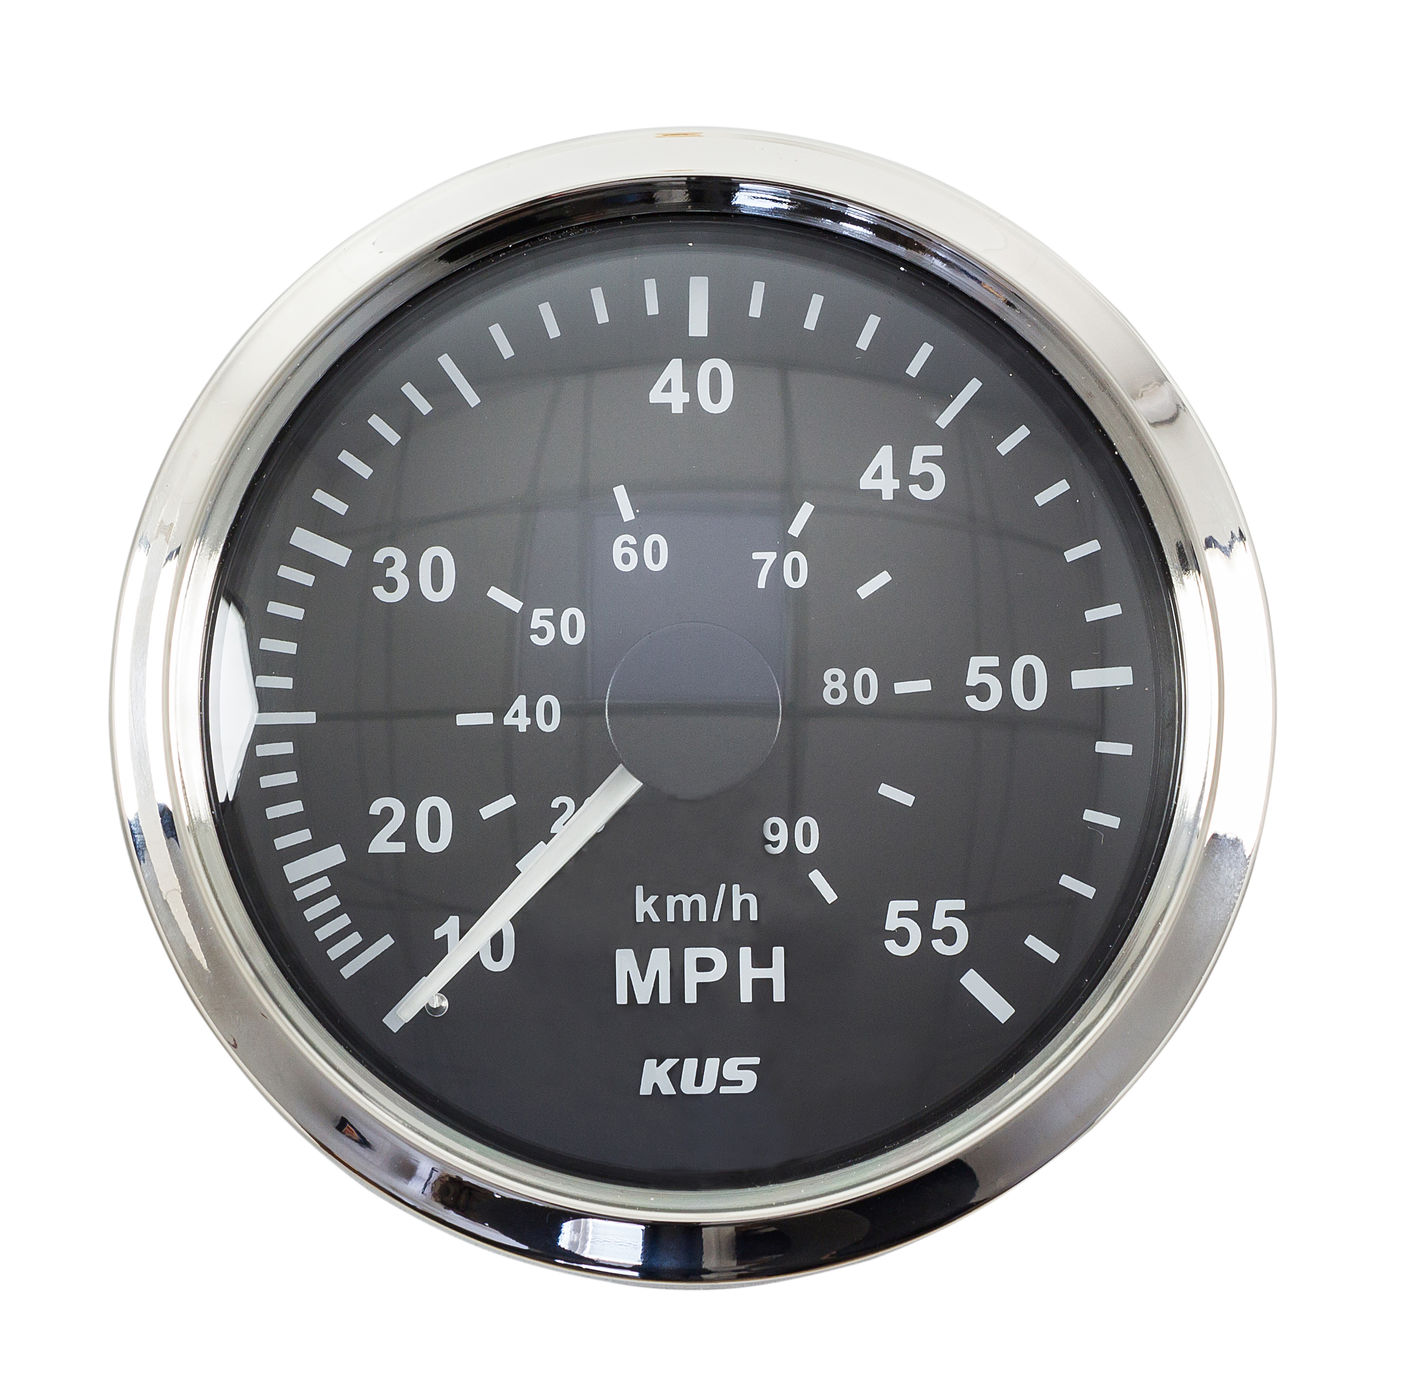 Snelheidsmeter Gauge 0-55 Mph, Zwarte Wijzerplaat Roestvrij Staal Bezel, Etc. 85 Mm KY18002